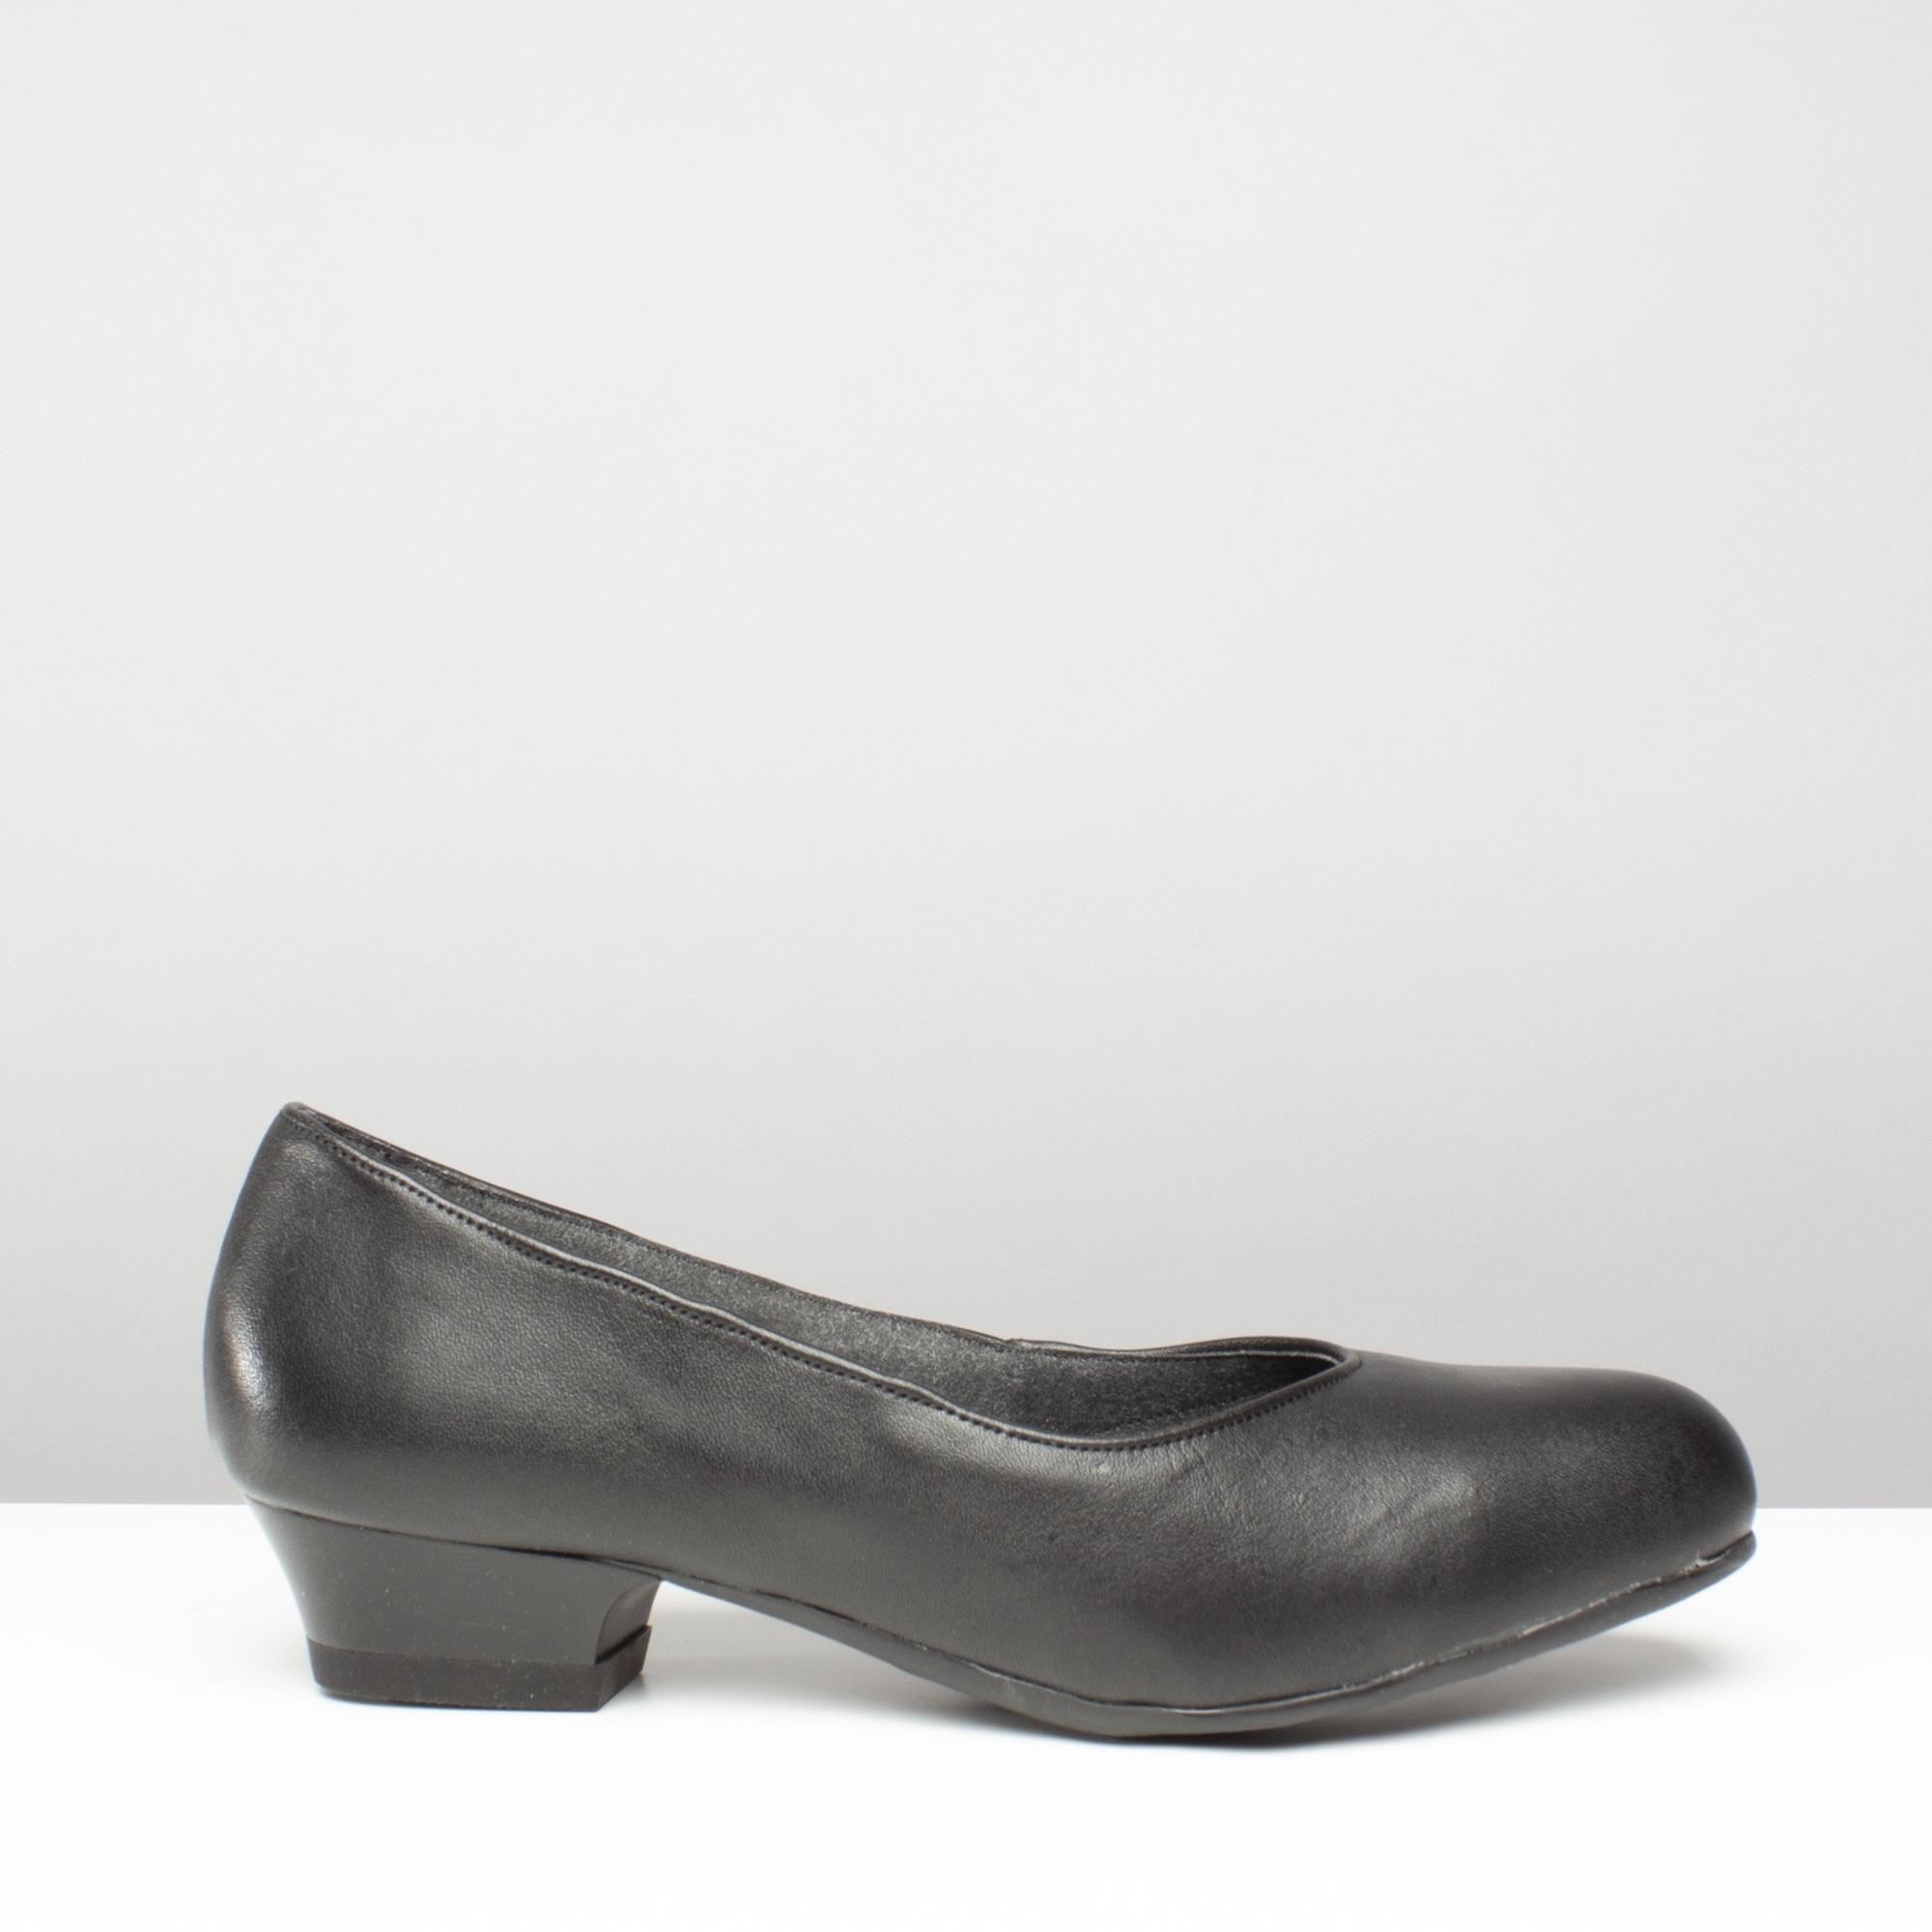 Steel FS96 Safety Work Court Shoe Black